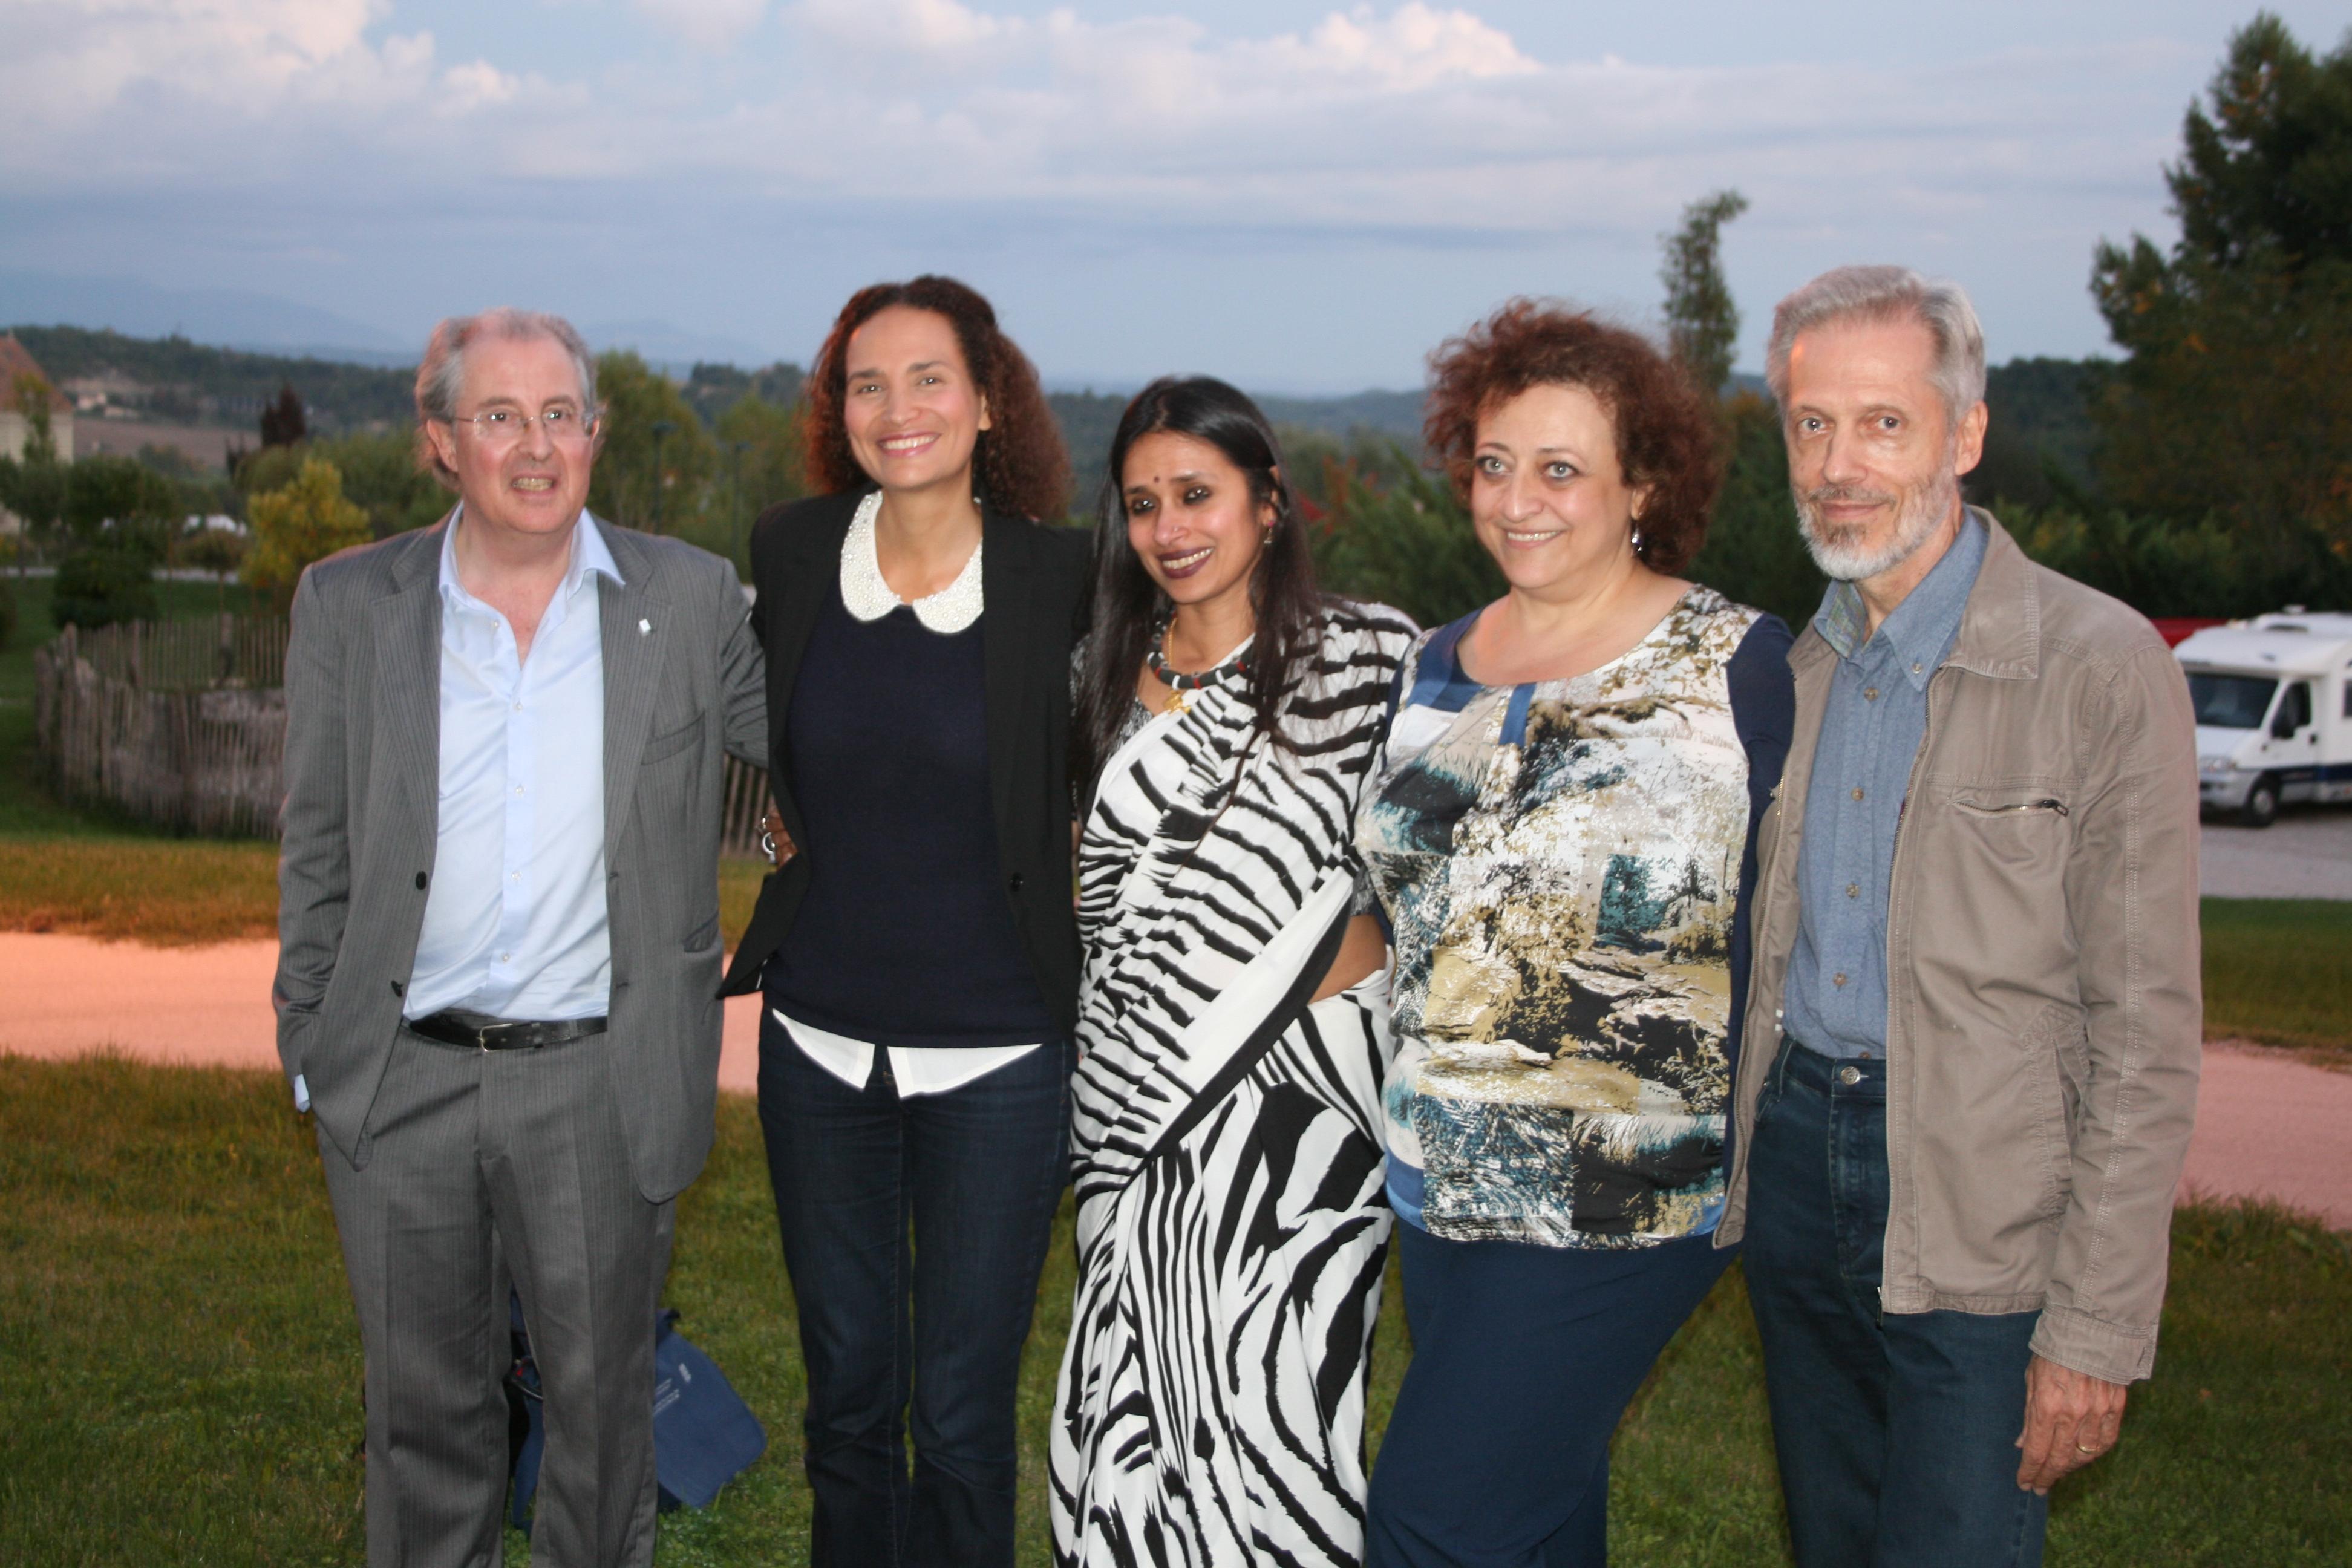 La presque totalité des intervenants aux Rencontres Envie d'Humanité, Philippe Courbon, l'initiateur, Frédérique Bedos, Rama Mani, Muriel Scibilia et Jean Fabre.@C.G